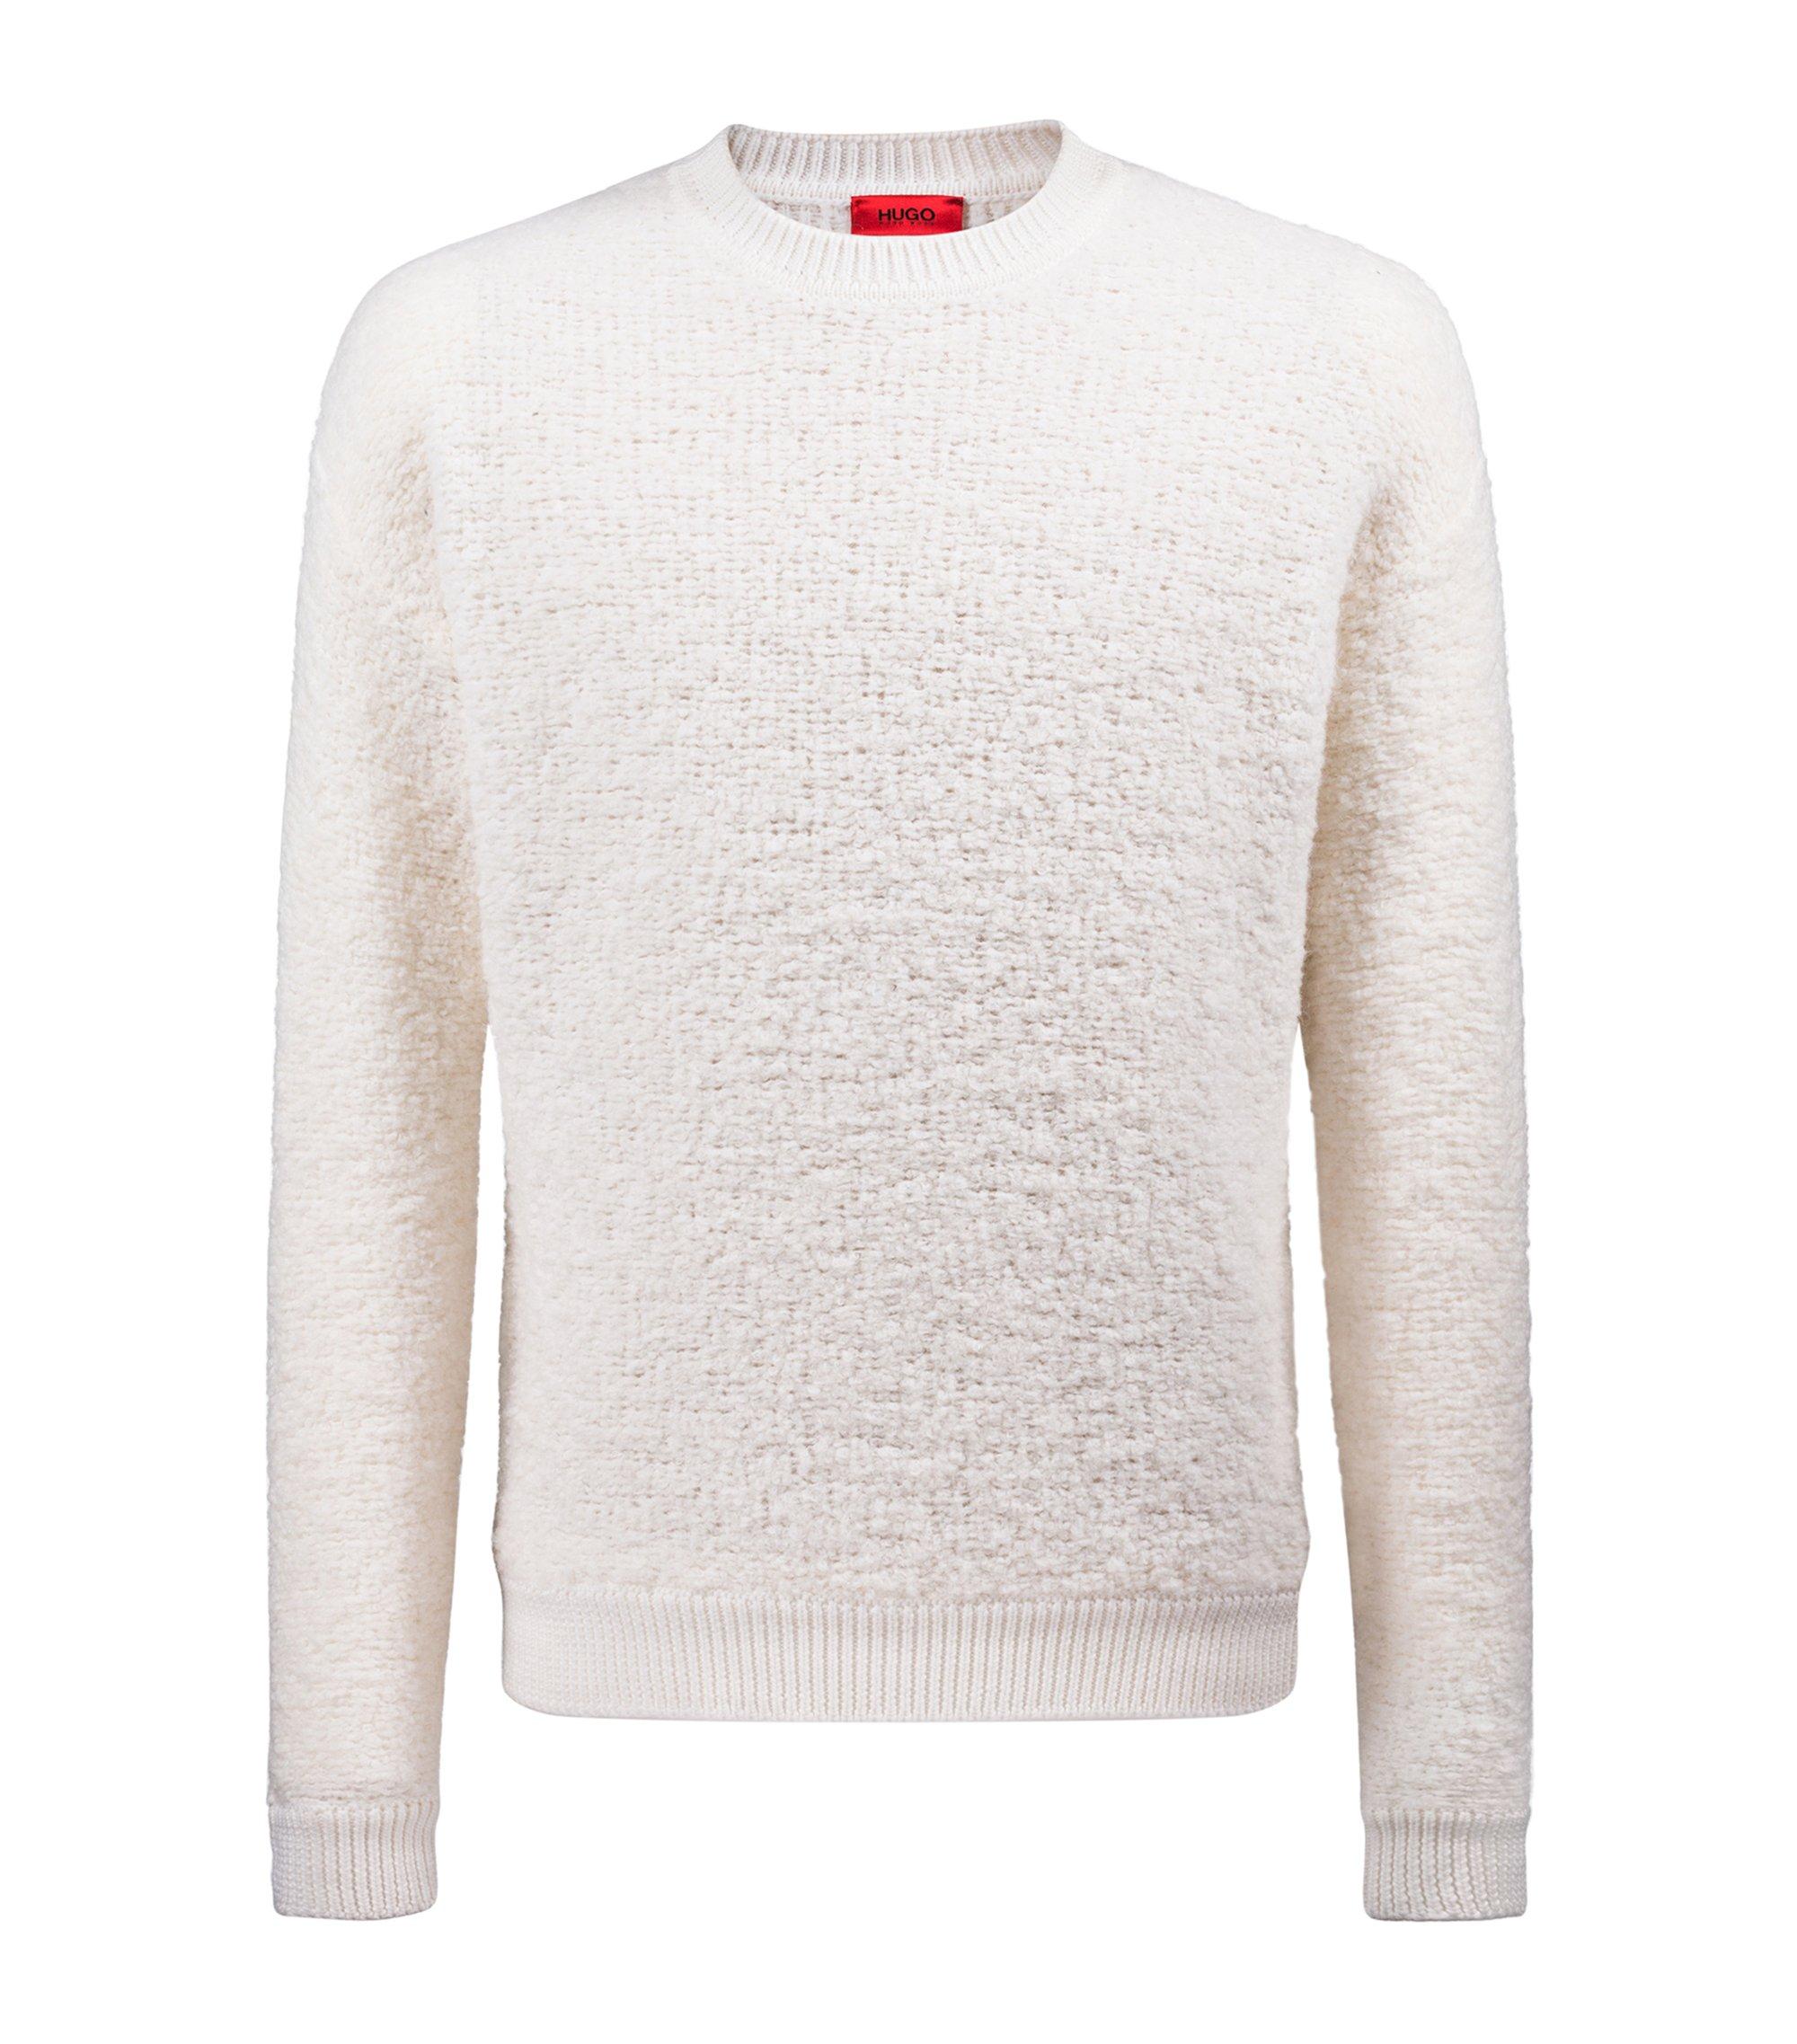 Maglione oversize in bouclé effetto shearling con bordo a coste grosse, Bianco